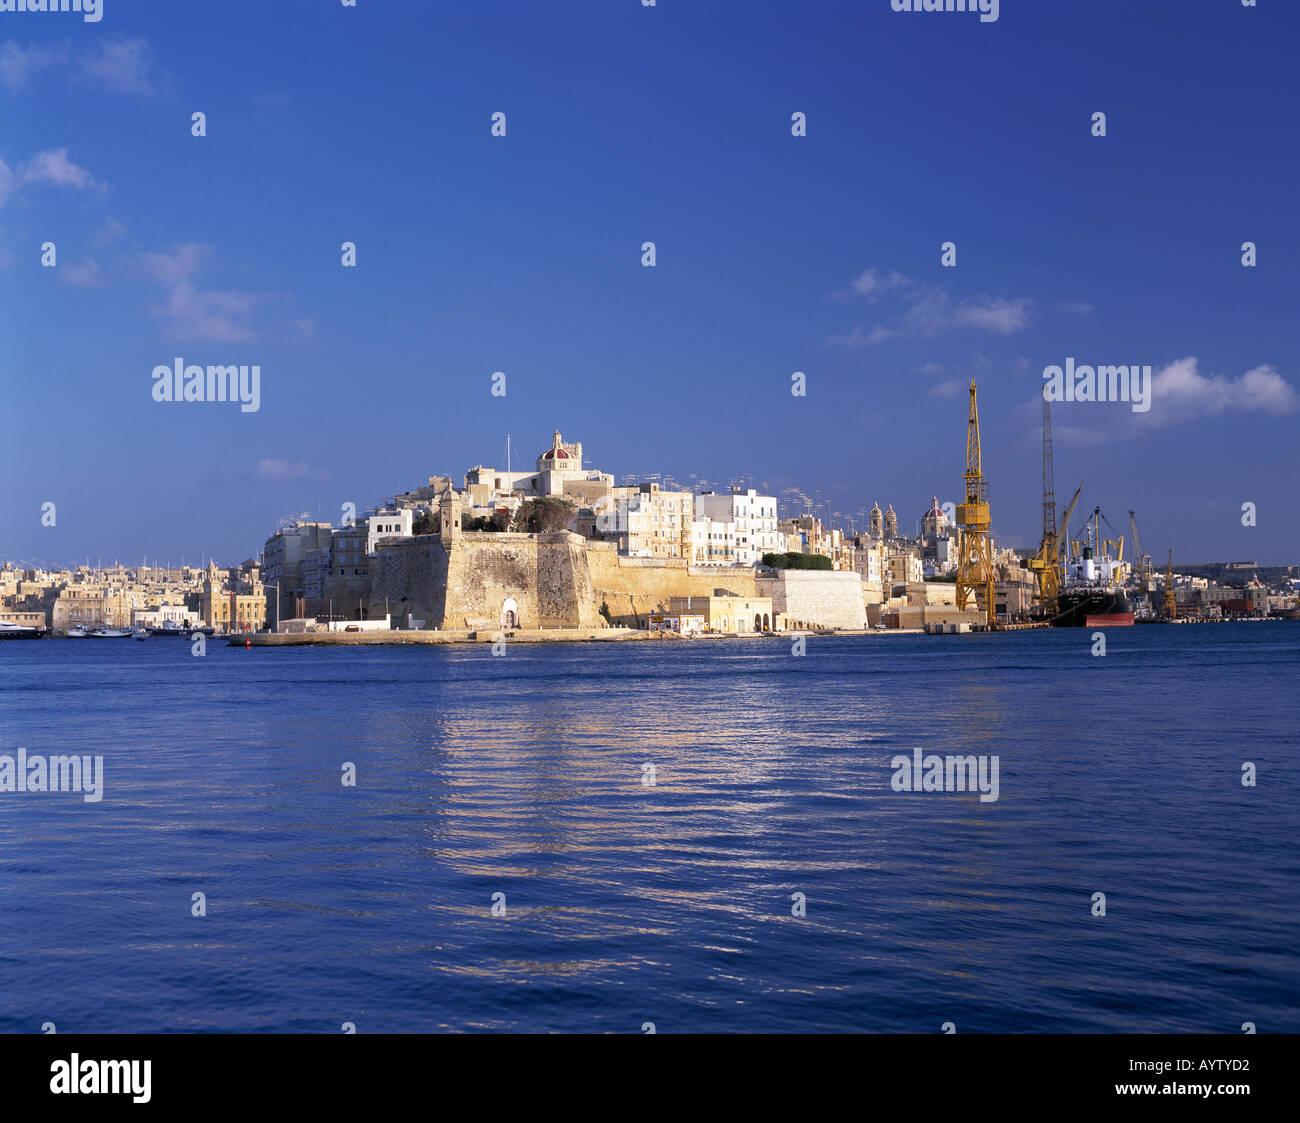 Grand Harbour, Blick auf Senglea mit Aussichtspunkt Vedette, Valletta, Malta - Stock Image